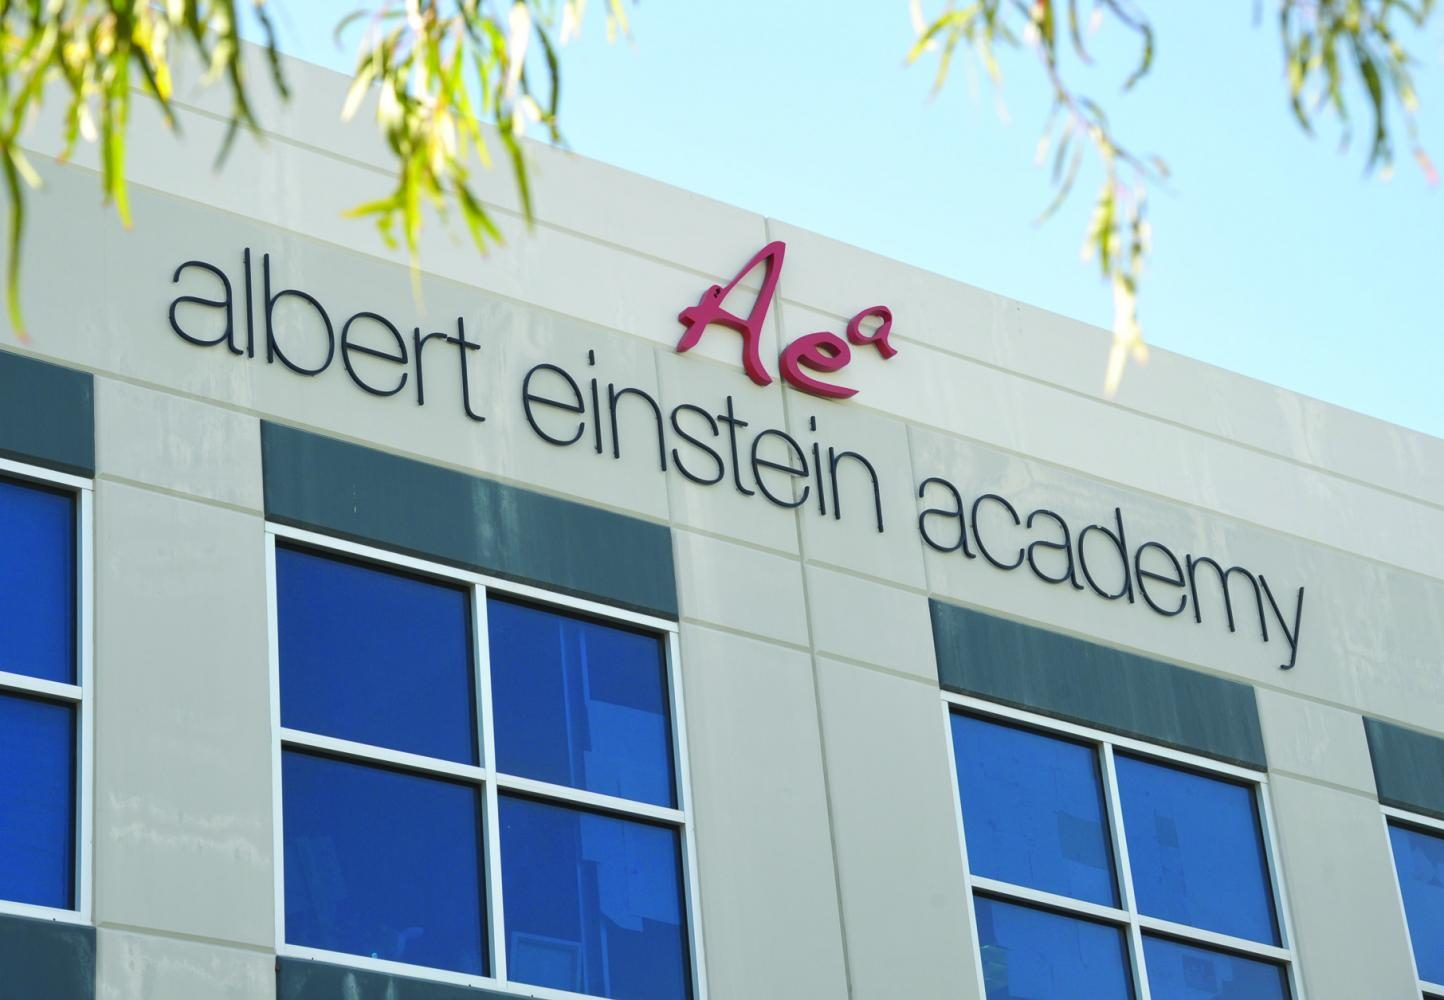 Albert Einstein Academy: Rockets to Wildcats